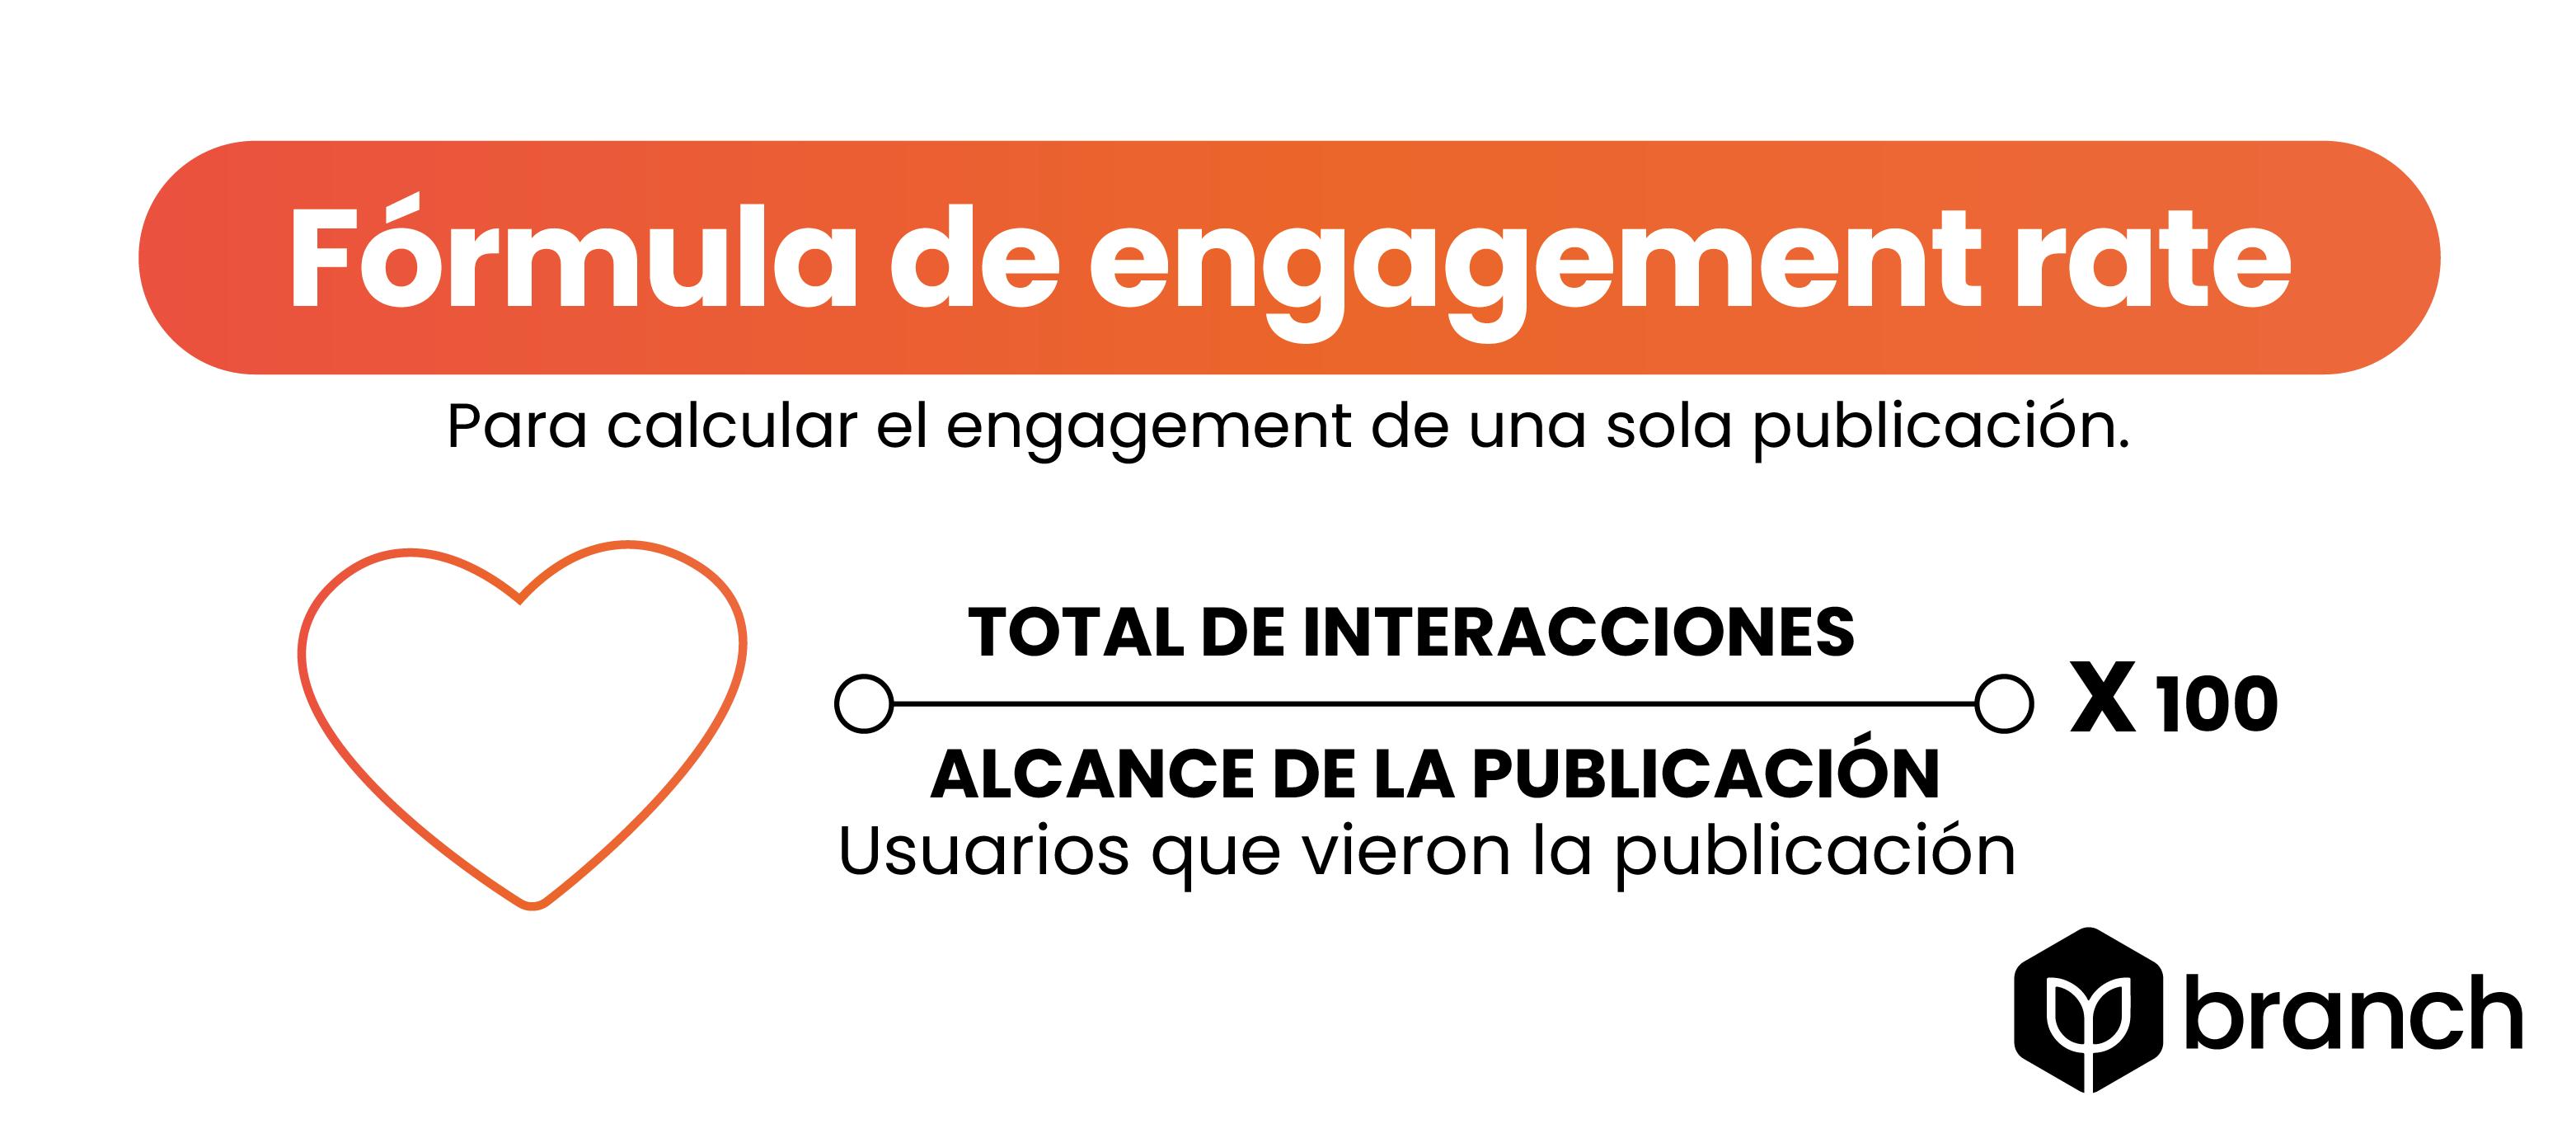 formula-de-engagement-rate-por-alcance